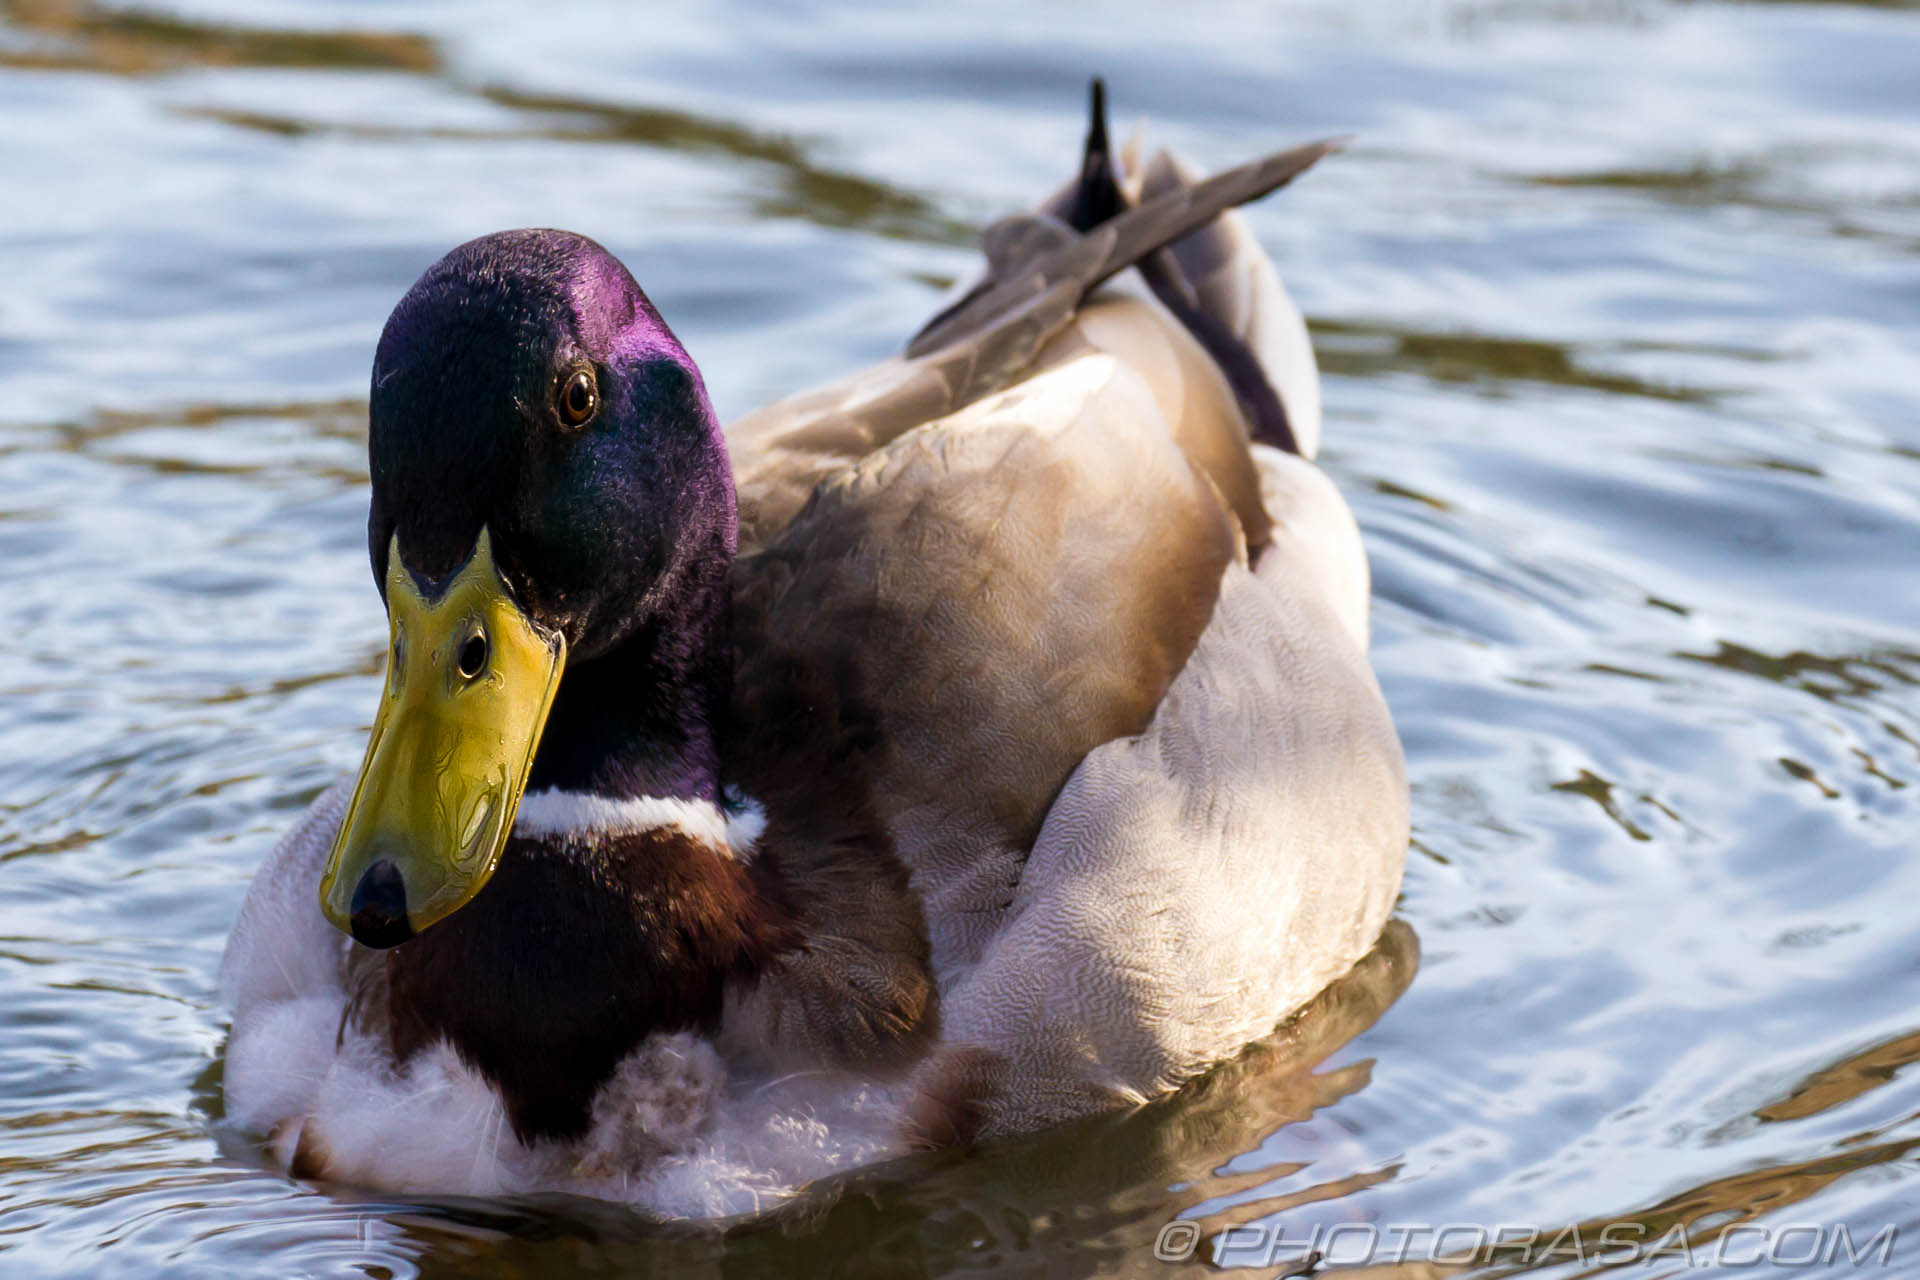 https://photorasa.com/mallard-ducks/purple-mallard-head/